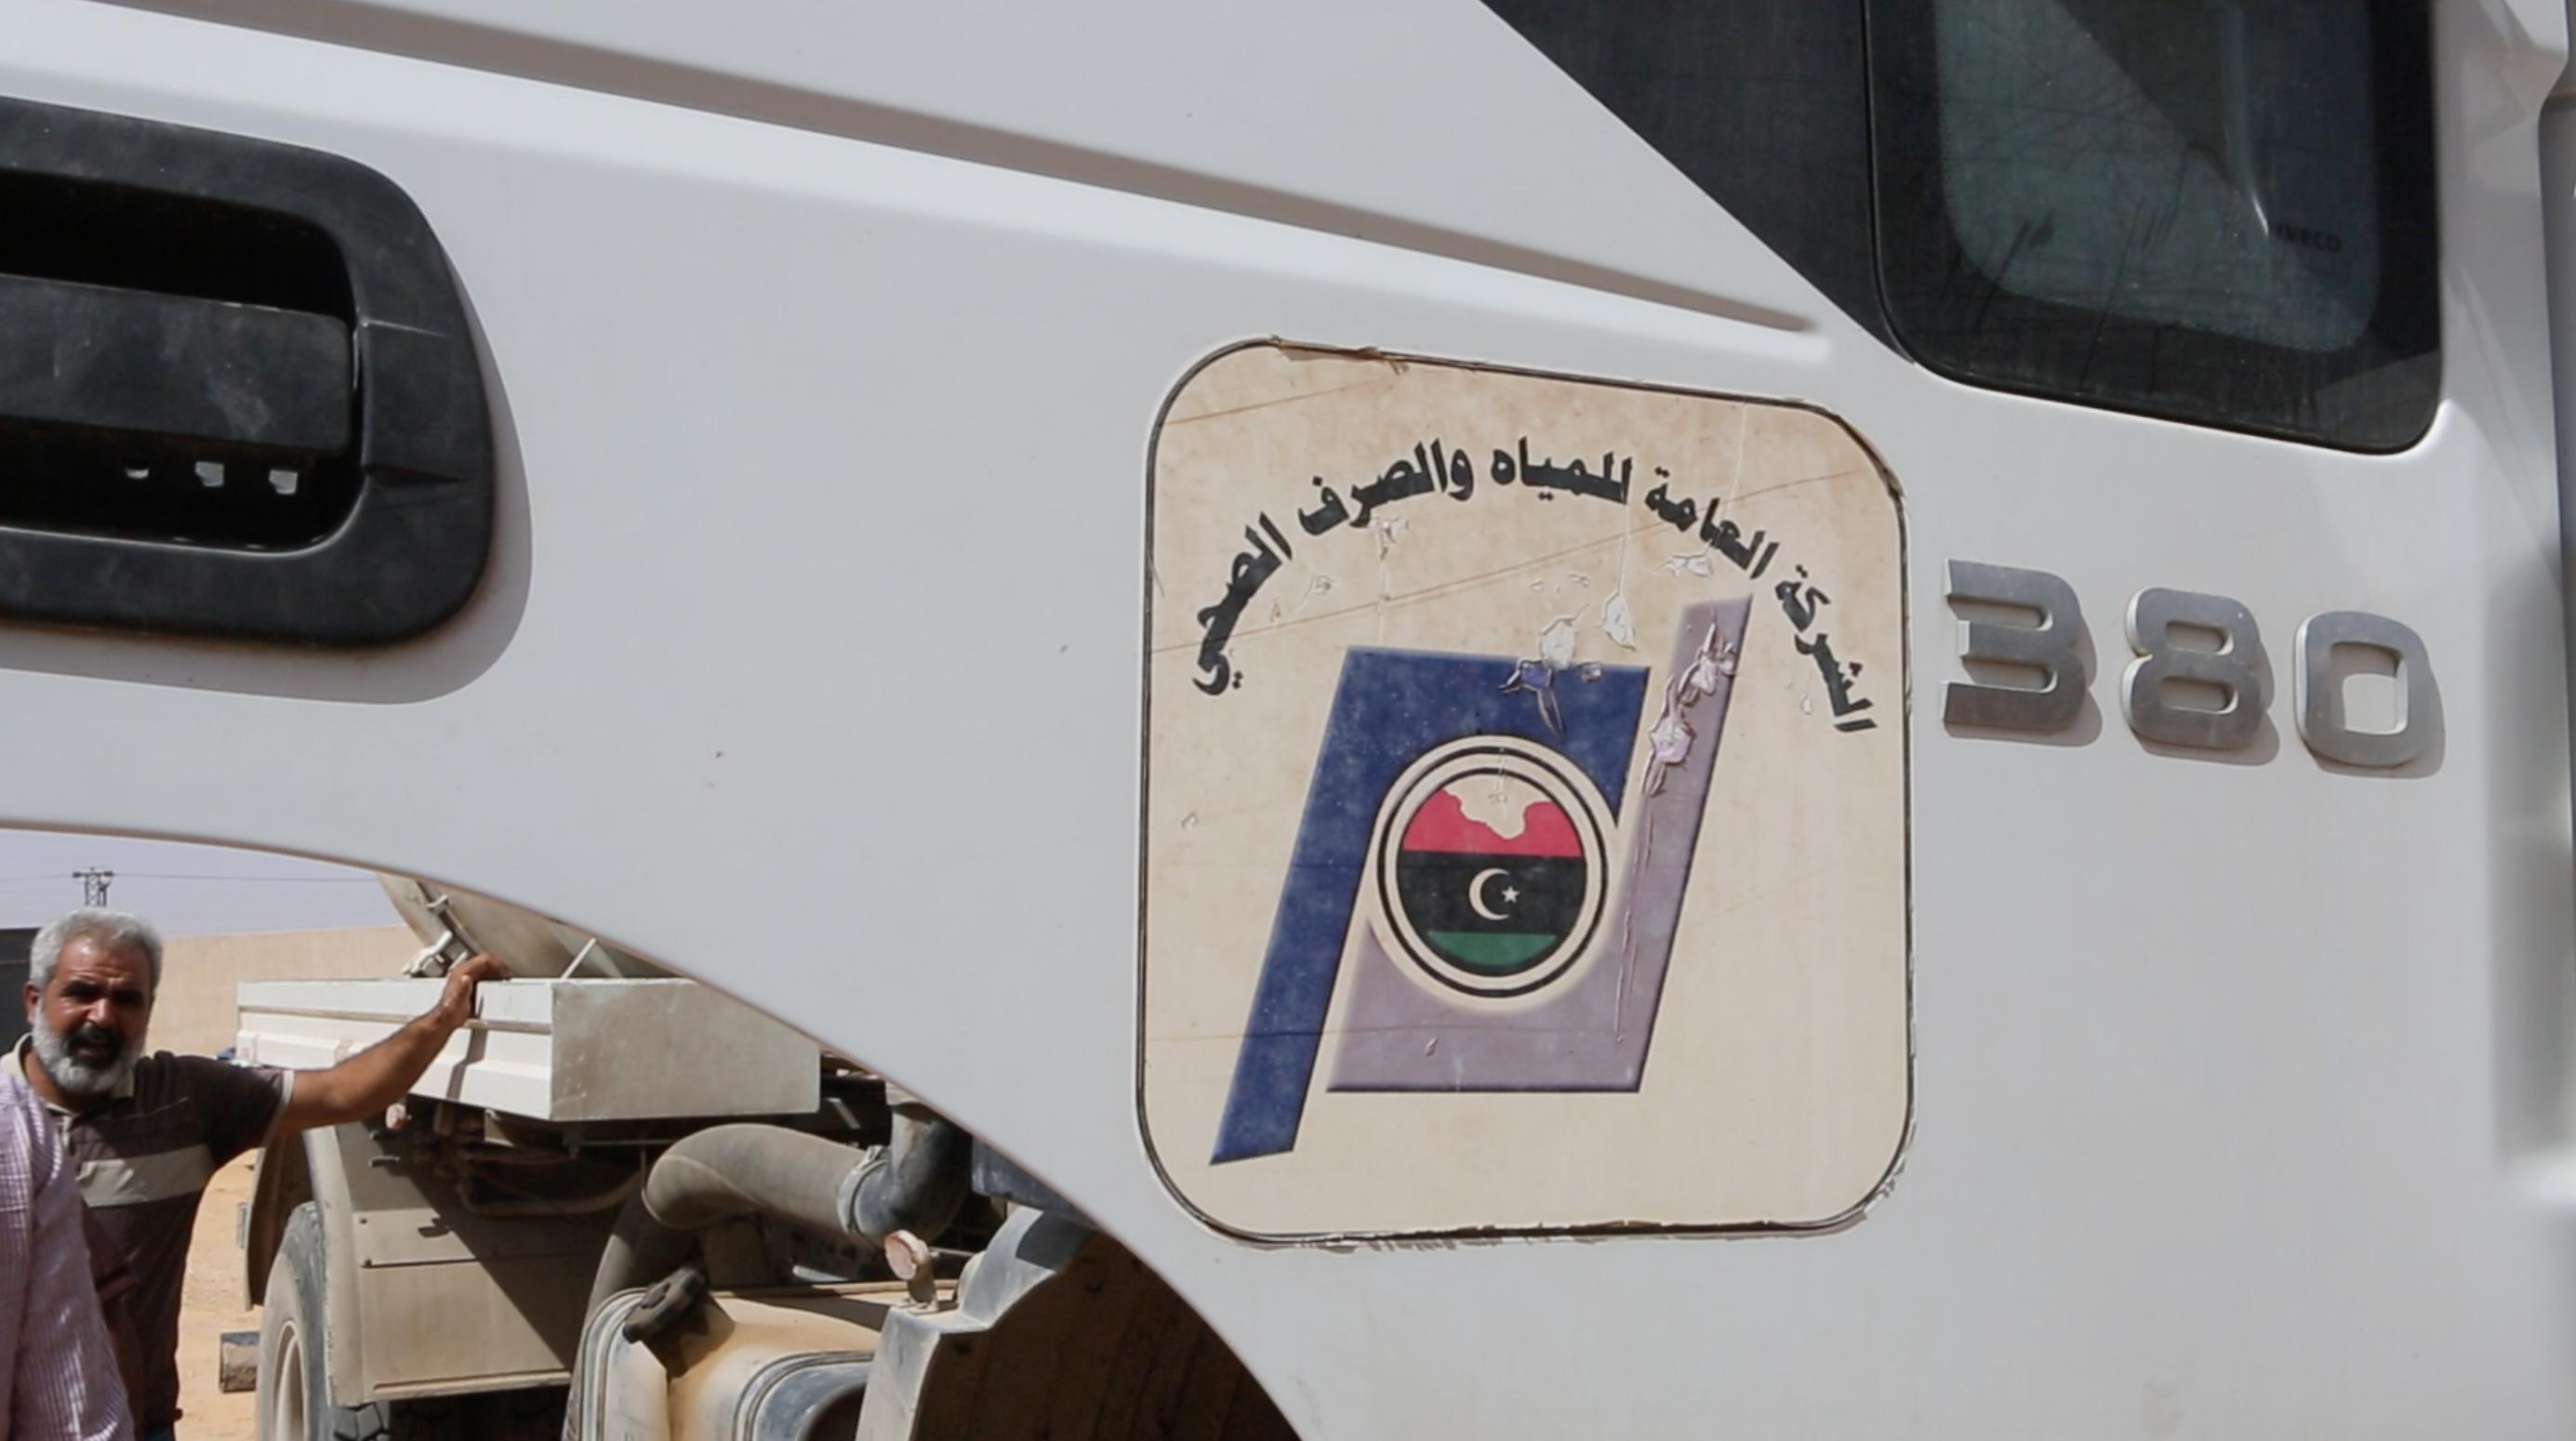 ضبط سيارات مسروقة من مواطنين ومن جهات عامة وشركات من قبل مديرية أمن الزنتان